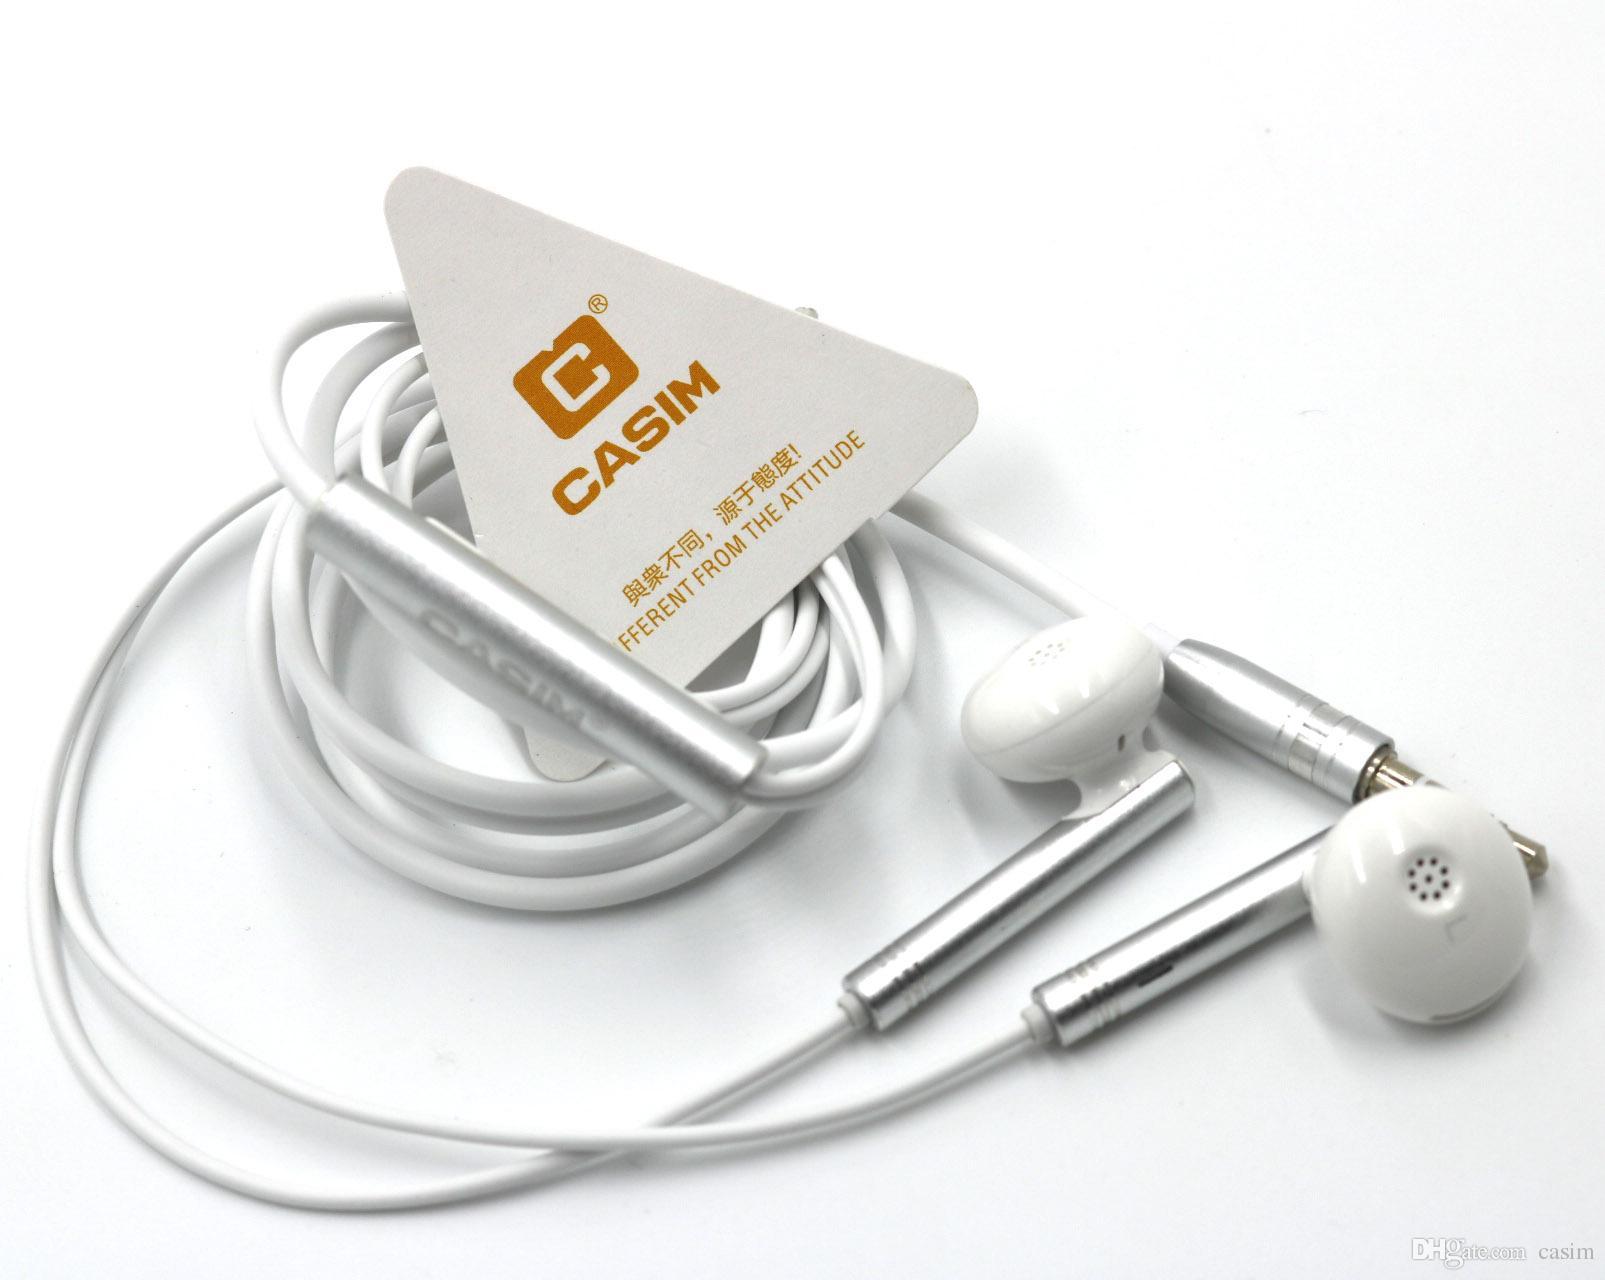 CASIM Yeni 3.5mm Evrensel Metal Müzik Kulaklık 1.2 M Bakır Tel Kulaklık Gürültü Izole Stereo Metal Düz kulak tarzı Kulaklıklar Sıcak